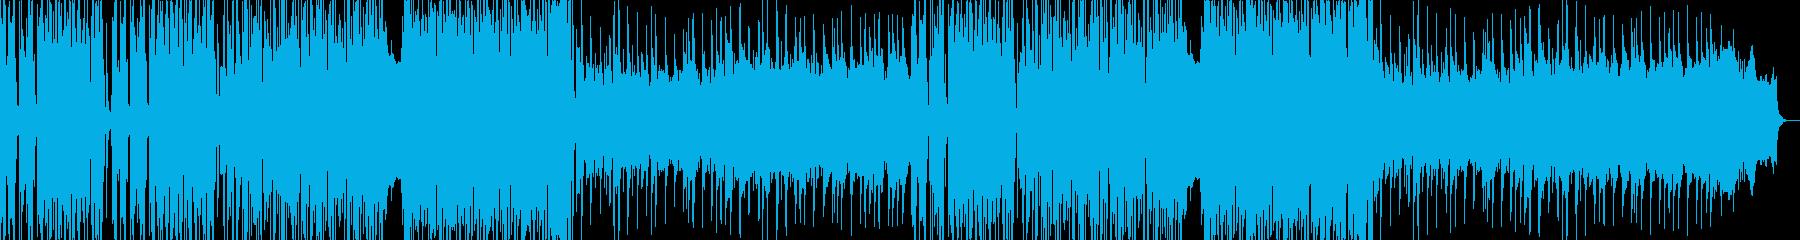 高音質♪レトロ風ピアノ曲カット版ありの再生済みの波形